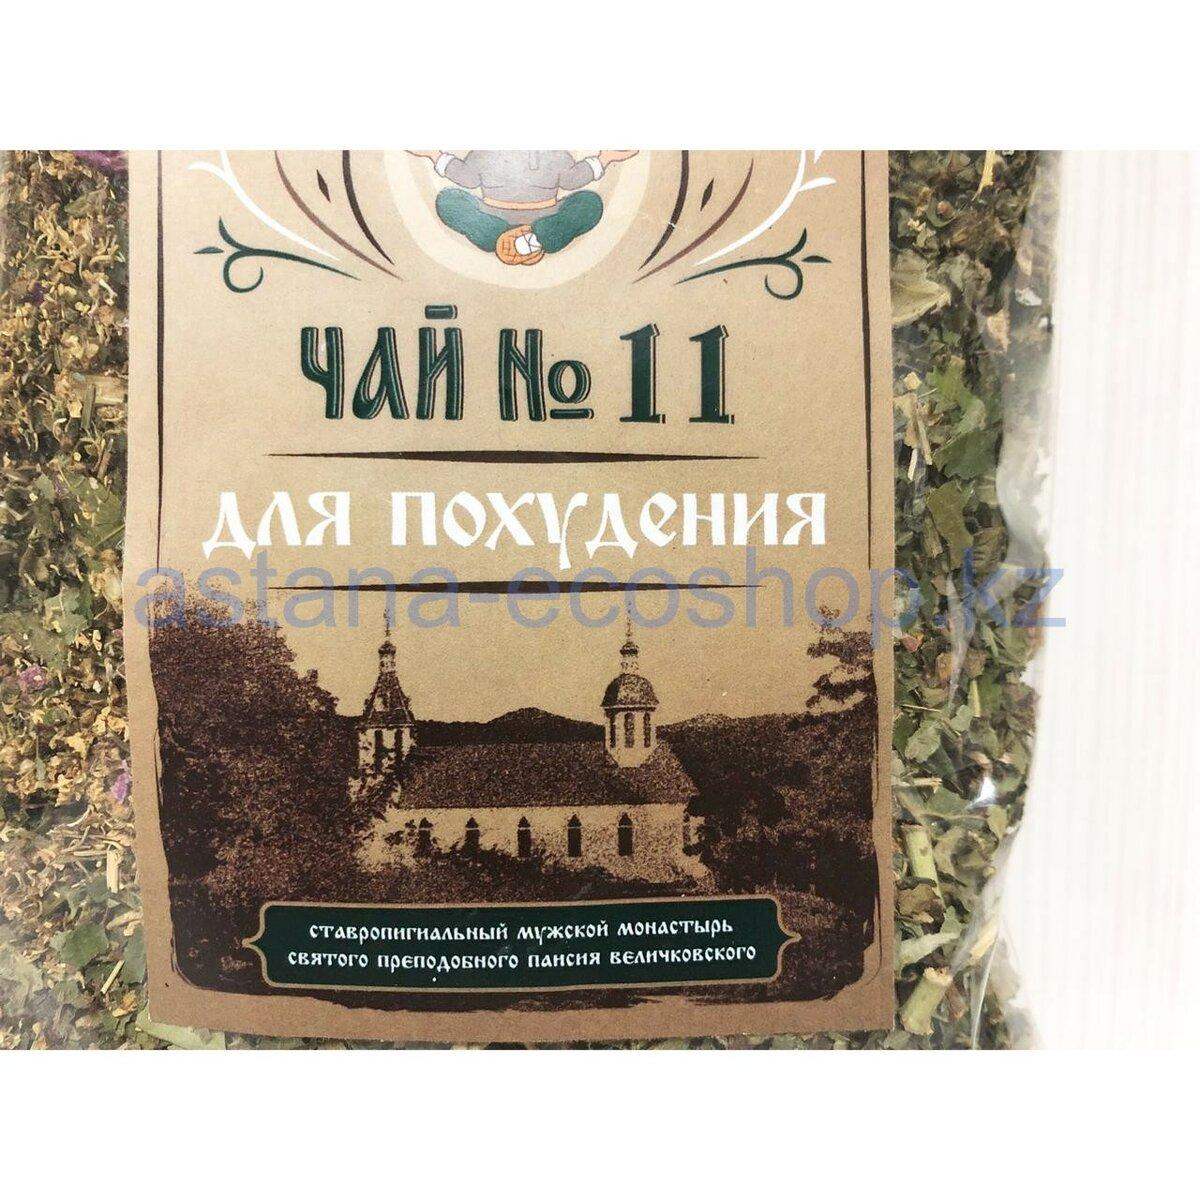 Монастырский чай для похудения в Миассе